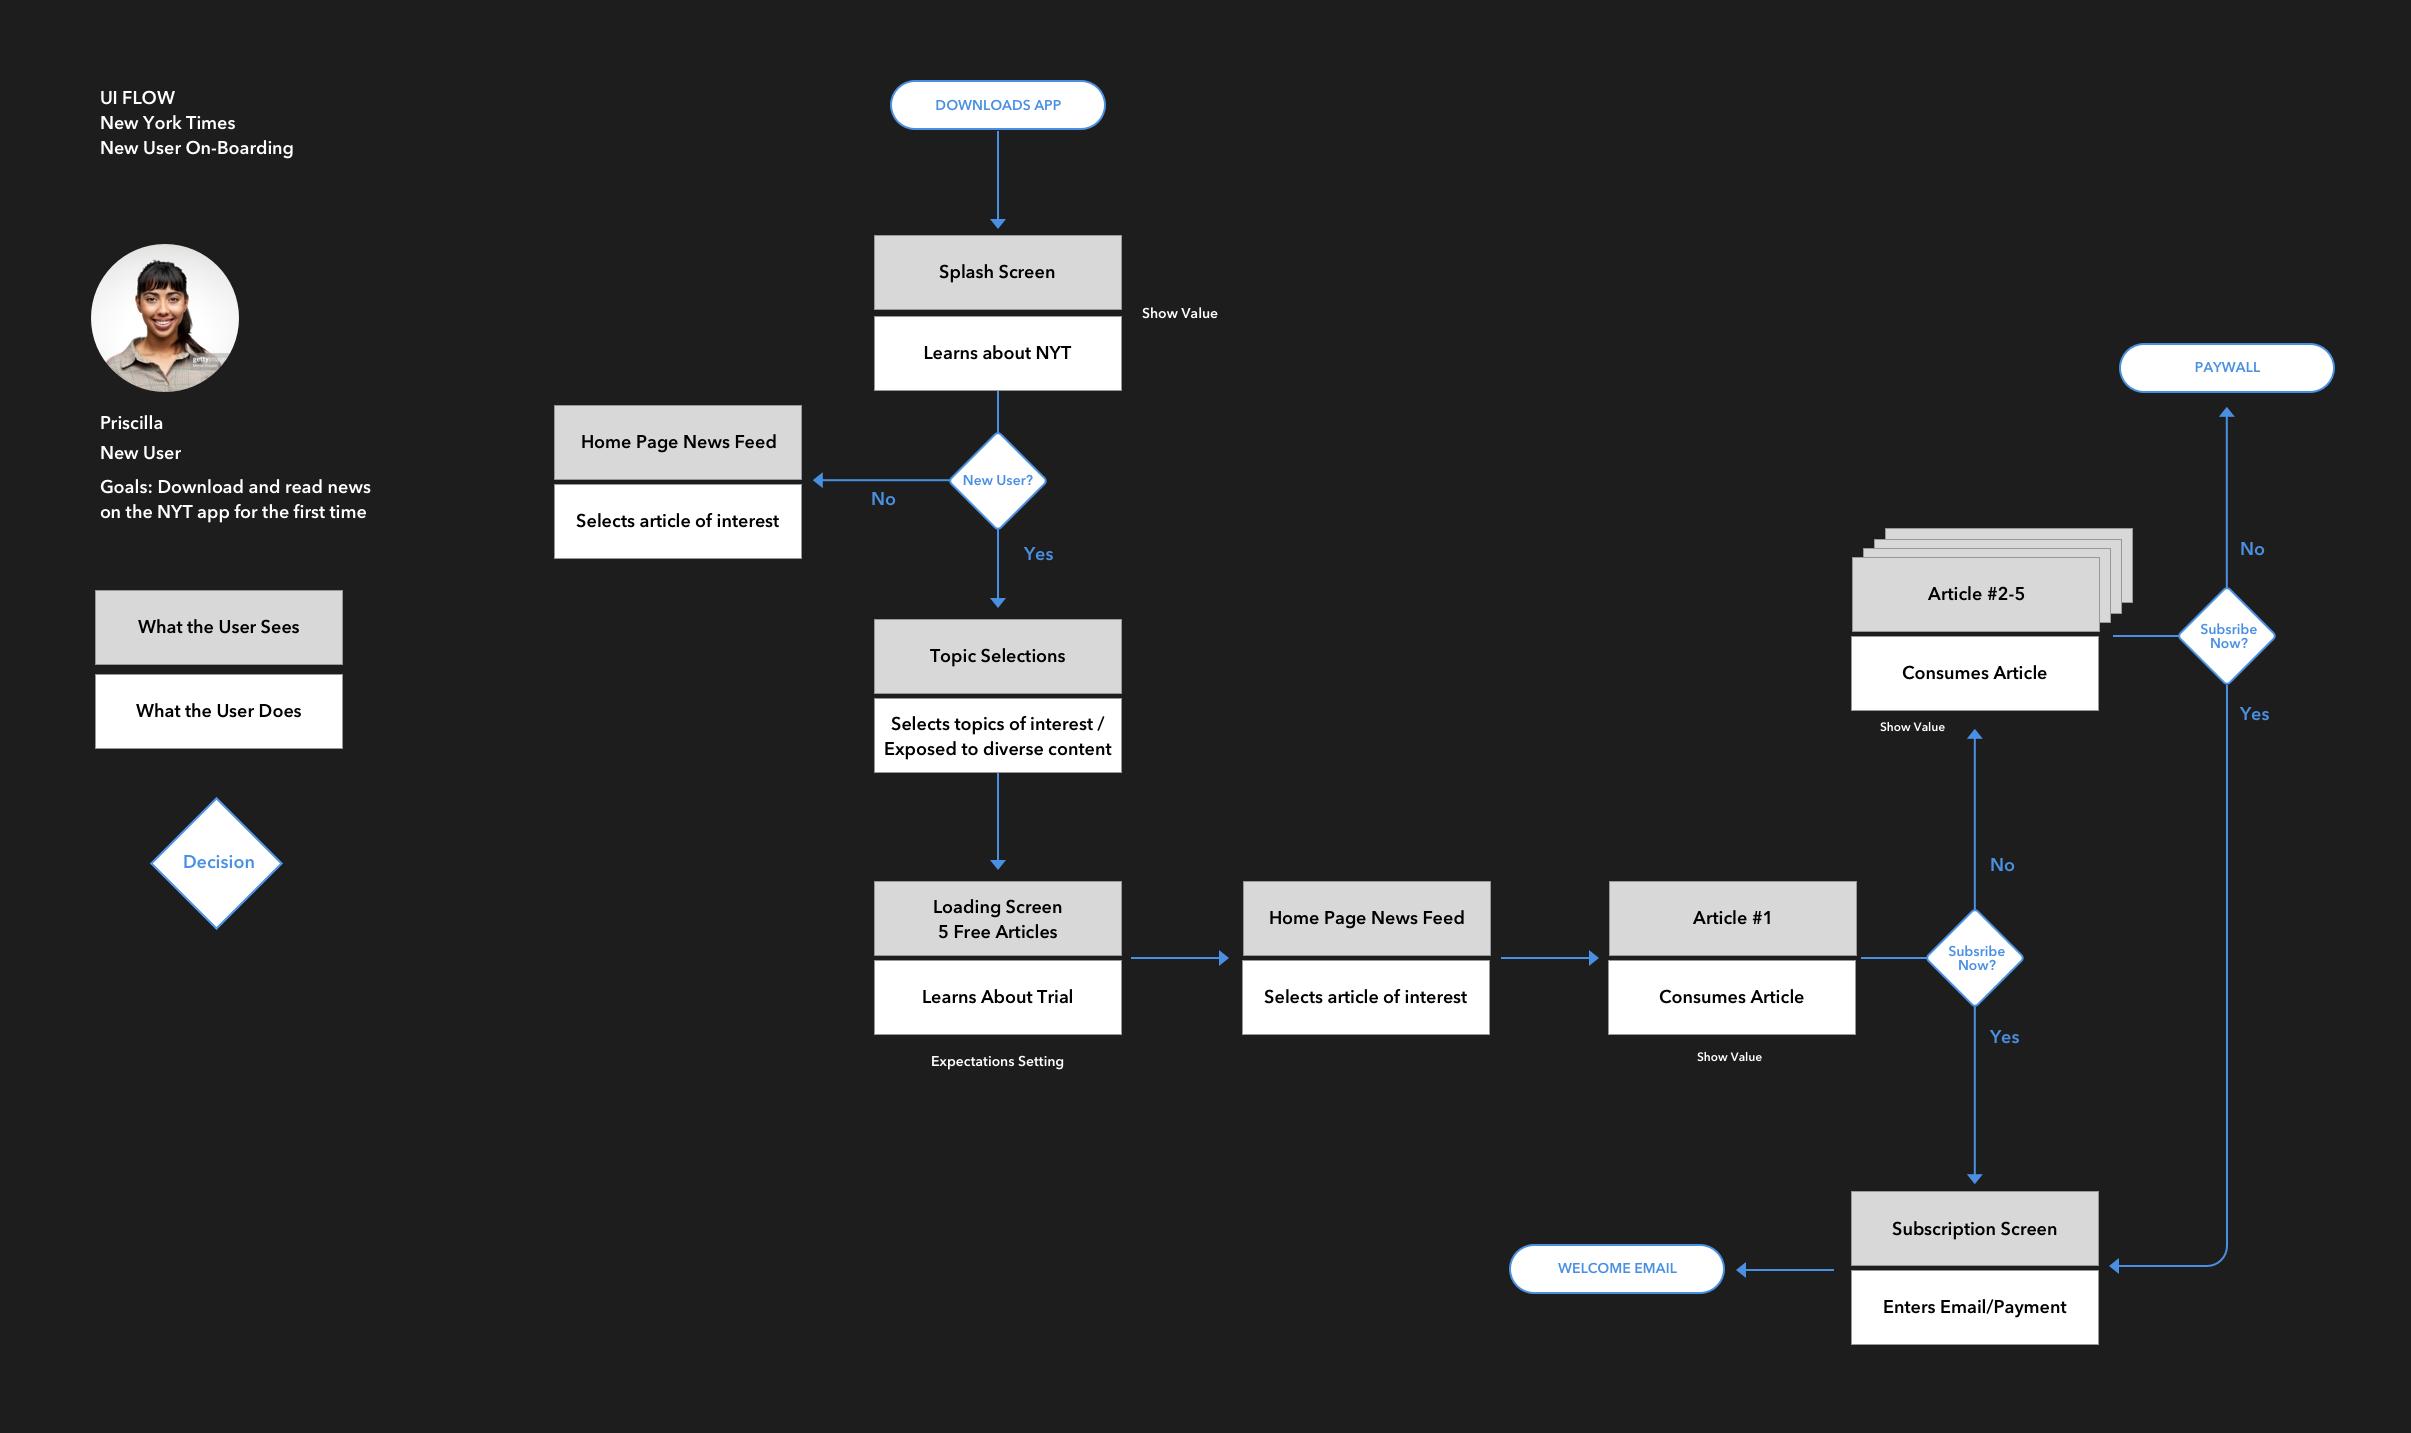 UI flow, New User On-Boarding